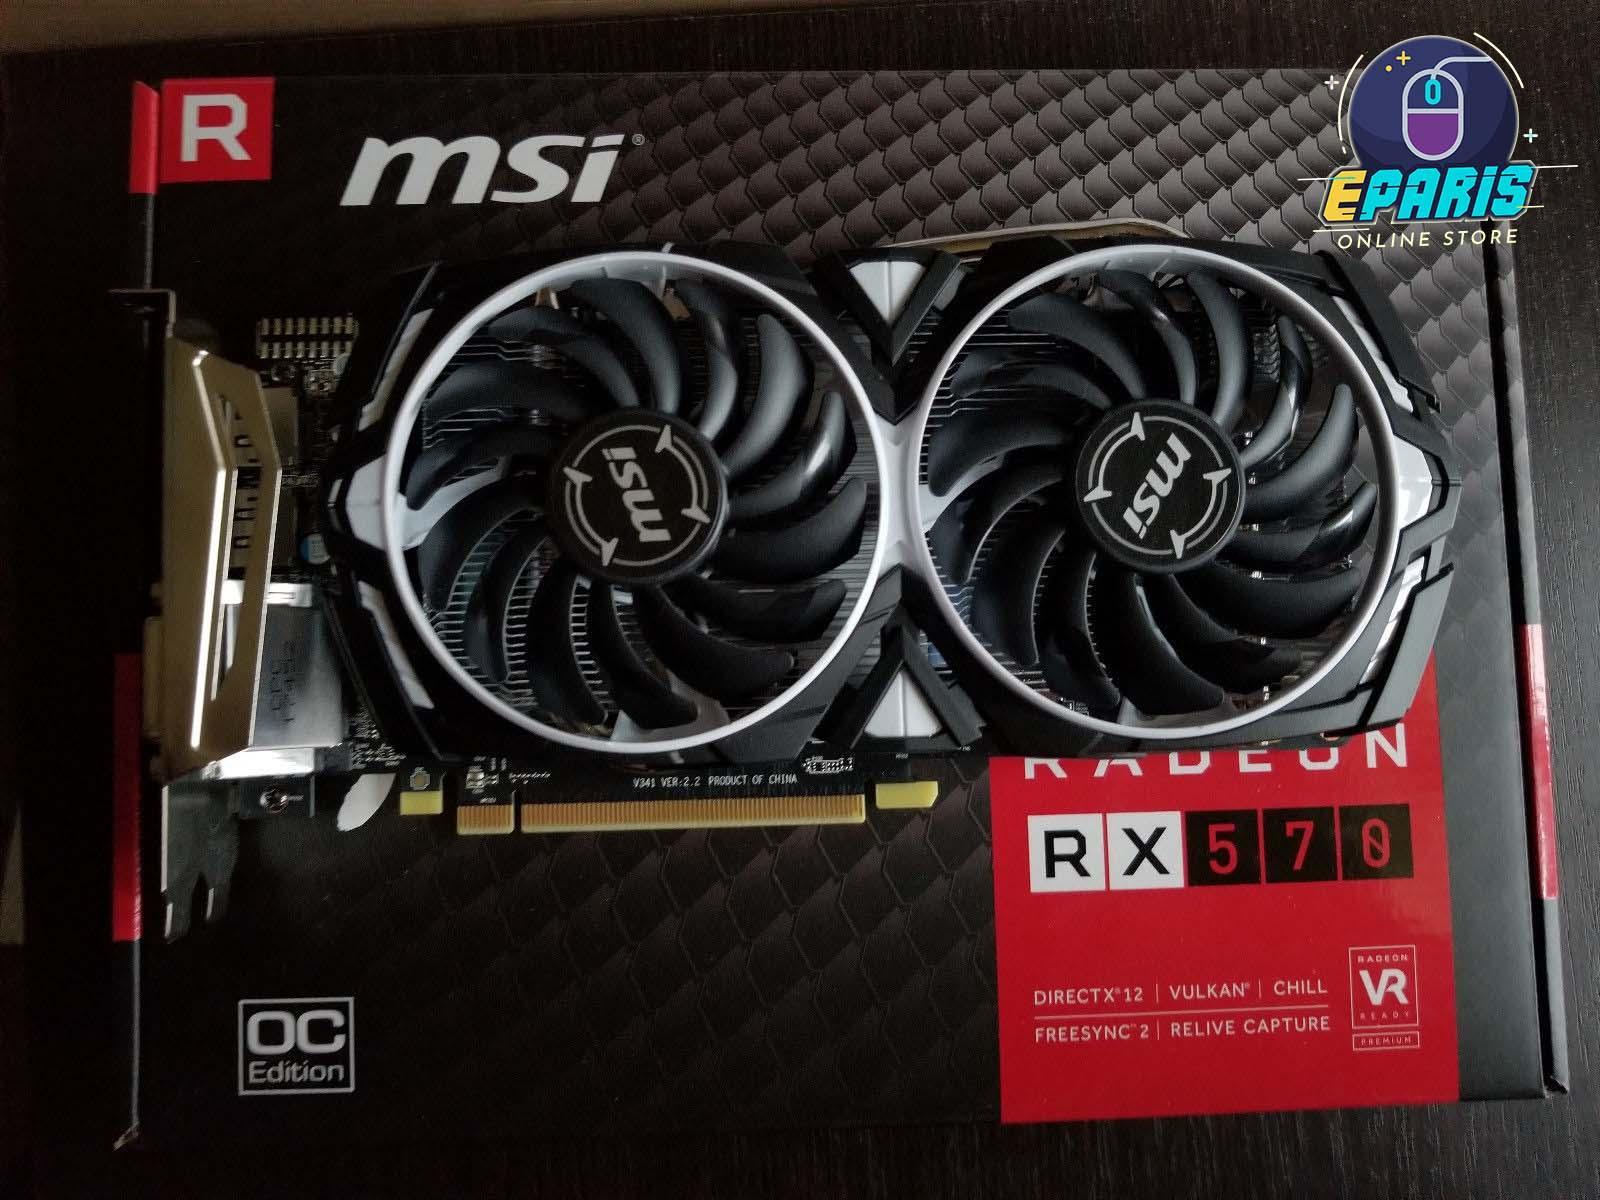 Overclocked Edition MSI Armor Radeon™ RX 570 4GB GDDR5